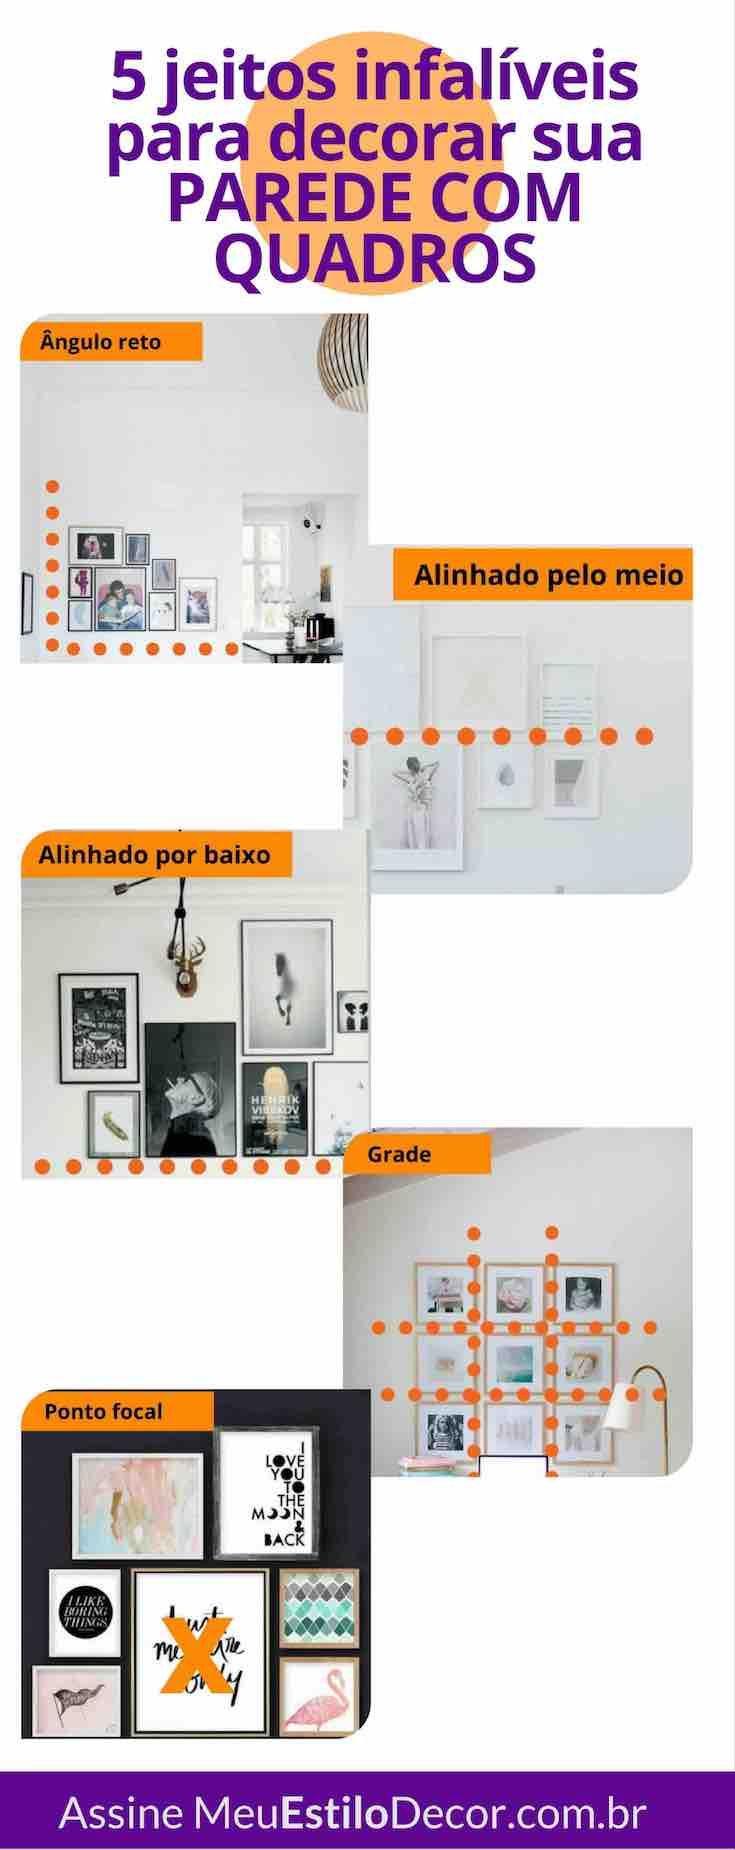 Aprenda 5 jeitos infalíveis de decorar sua parede com quadros - Como o meu trabalho é facilitar a sua vida, eu vou te ensinar 6 jeitos infalíveis de montar a sua parede galeria. E o melhor, não importa se você tem poucos ou muitos quadros, sempre vai funcionar.